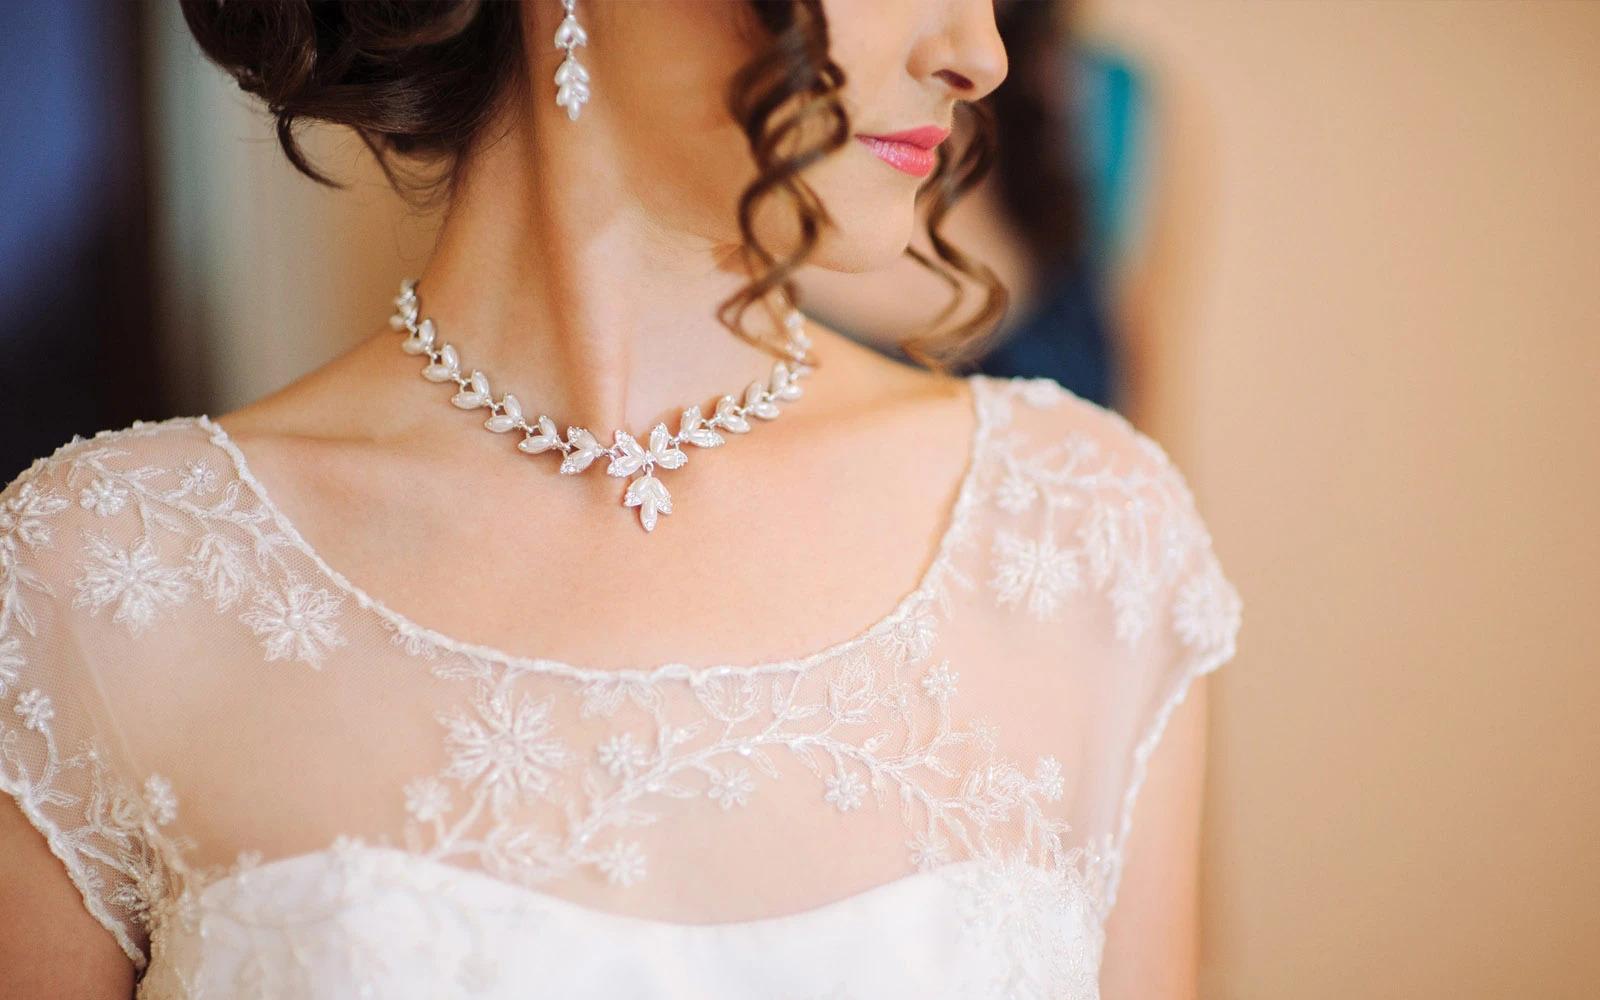 Jak vybrat ty nejkrásnější svatební šperky pro nevěstu